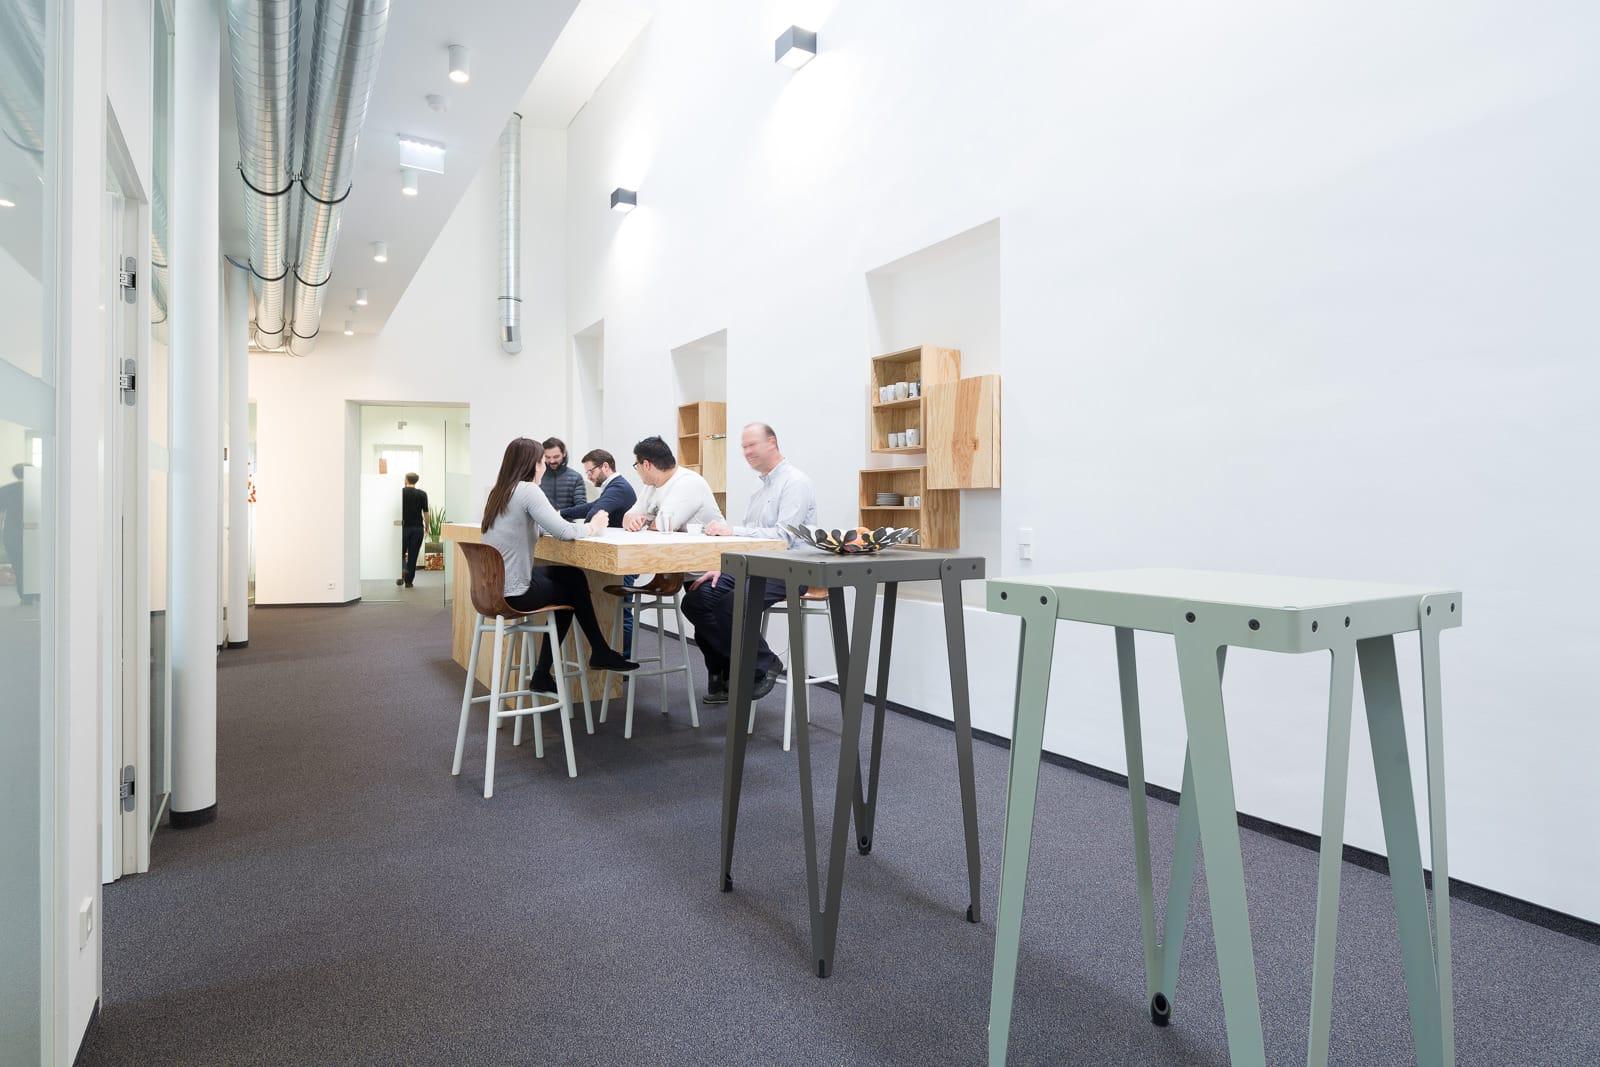 ecx.io IBM Austria Architekturfotos Wels Oberösterreich Industrie Business Architecture in Use Christiane Eckl Innenarchitektur